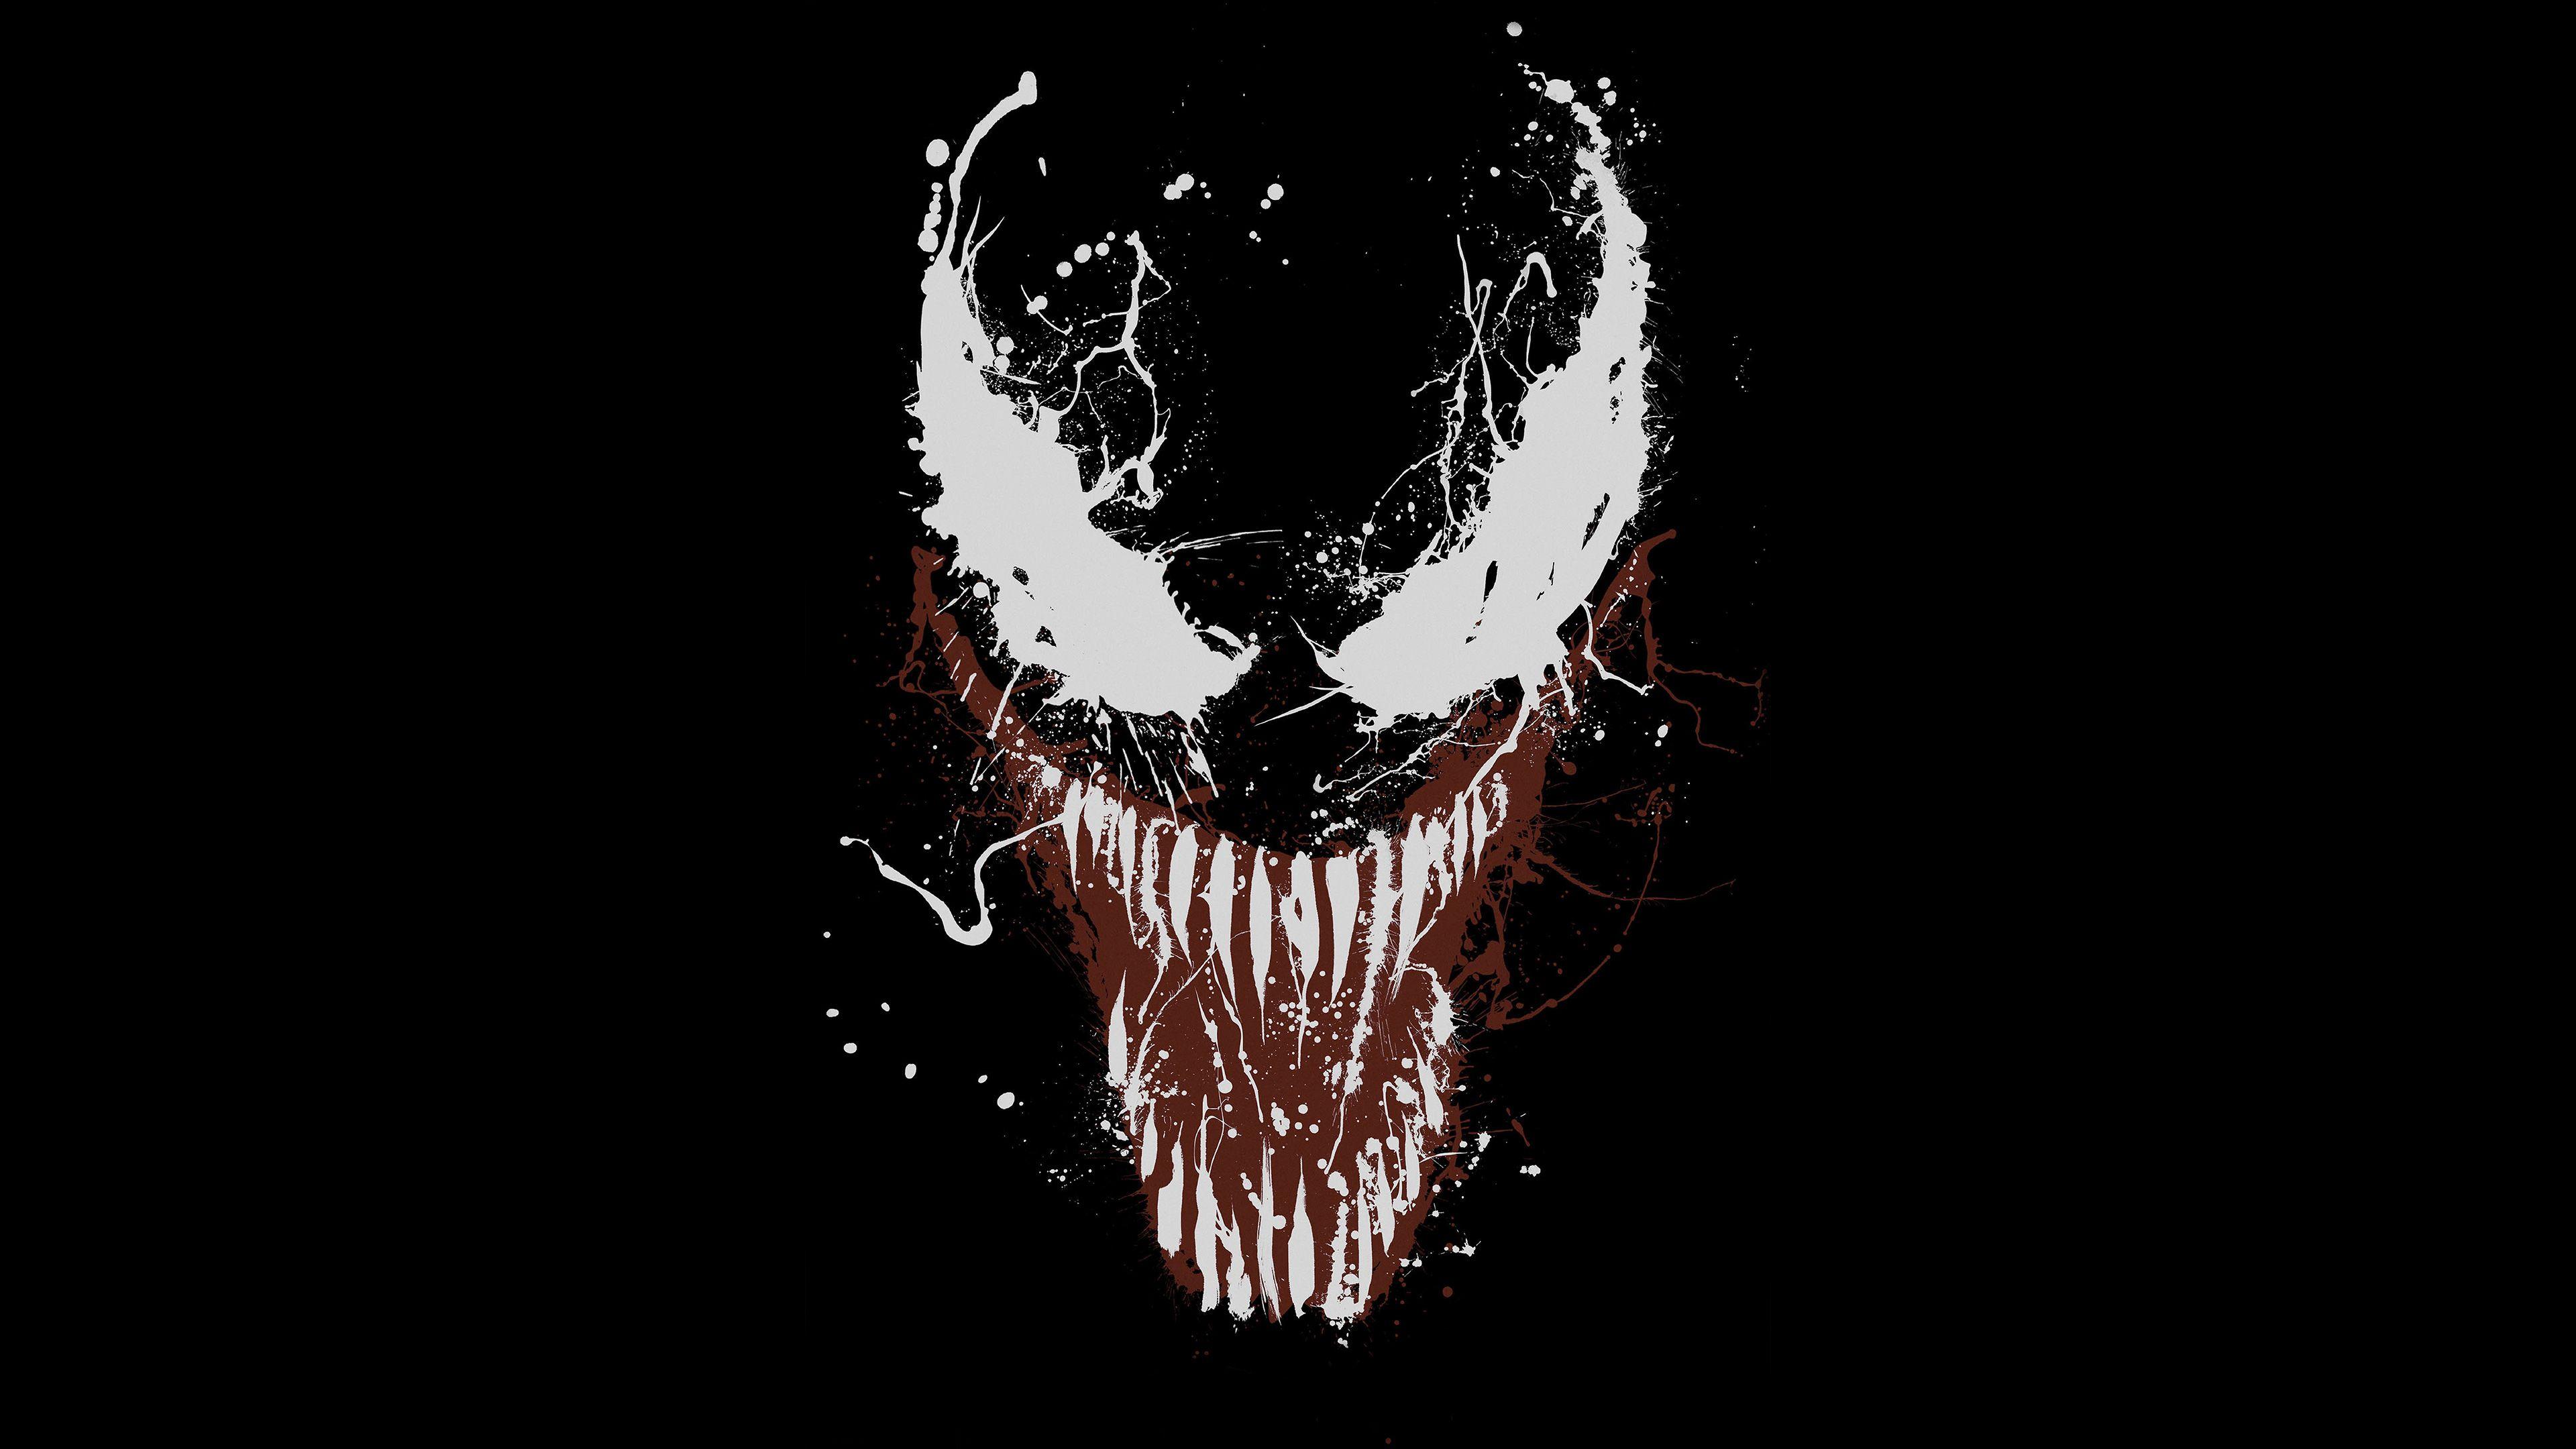 Venom Movie Poster 2018 Venom wallpapers venom movie wallpapers 3840x2160